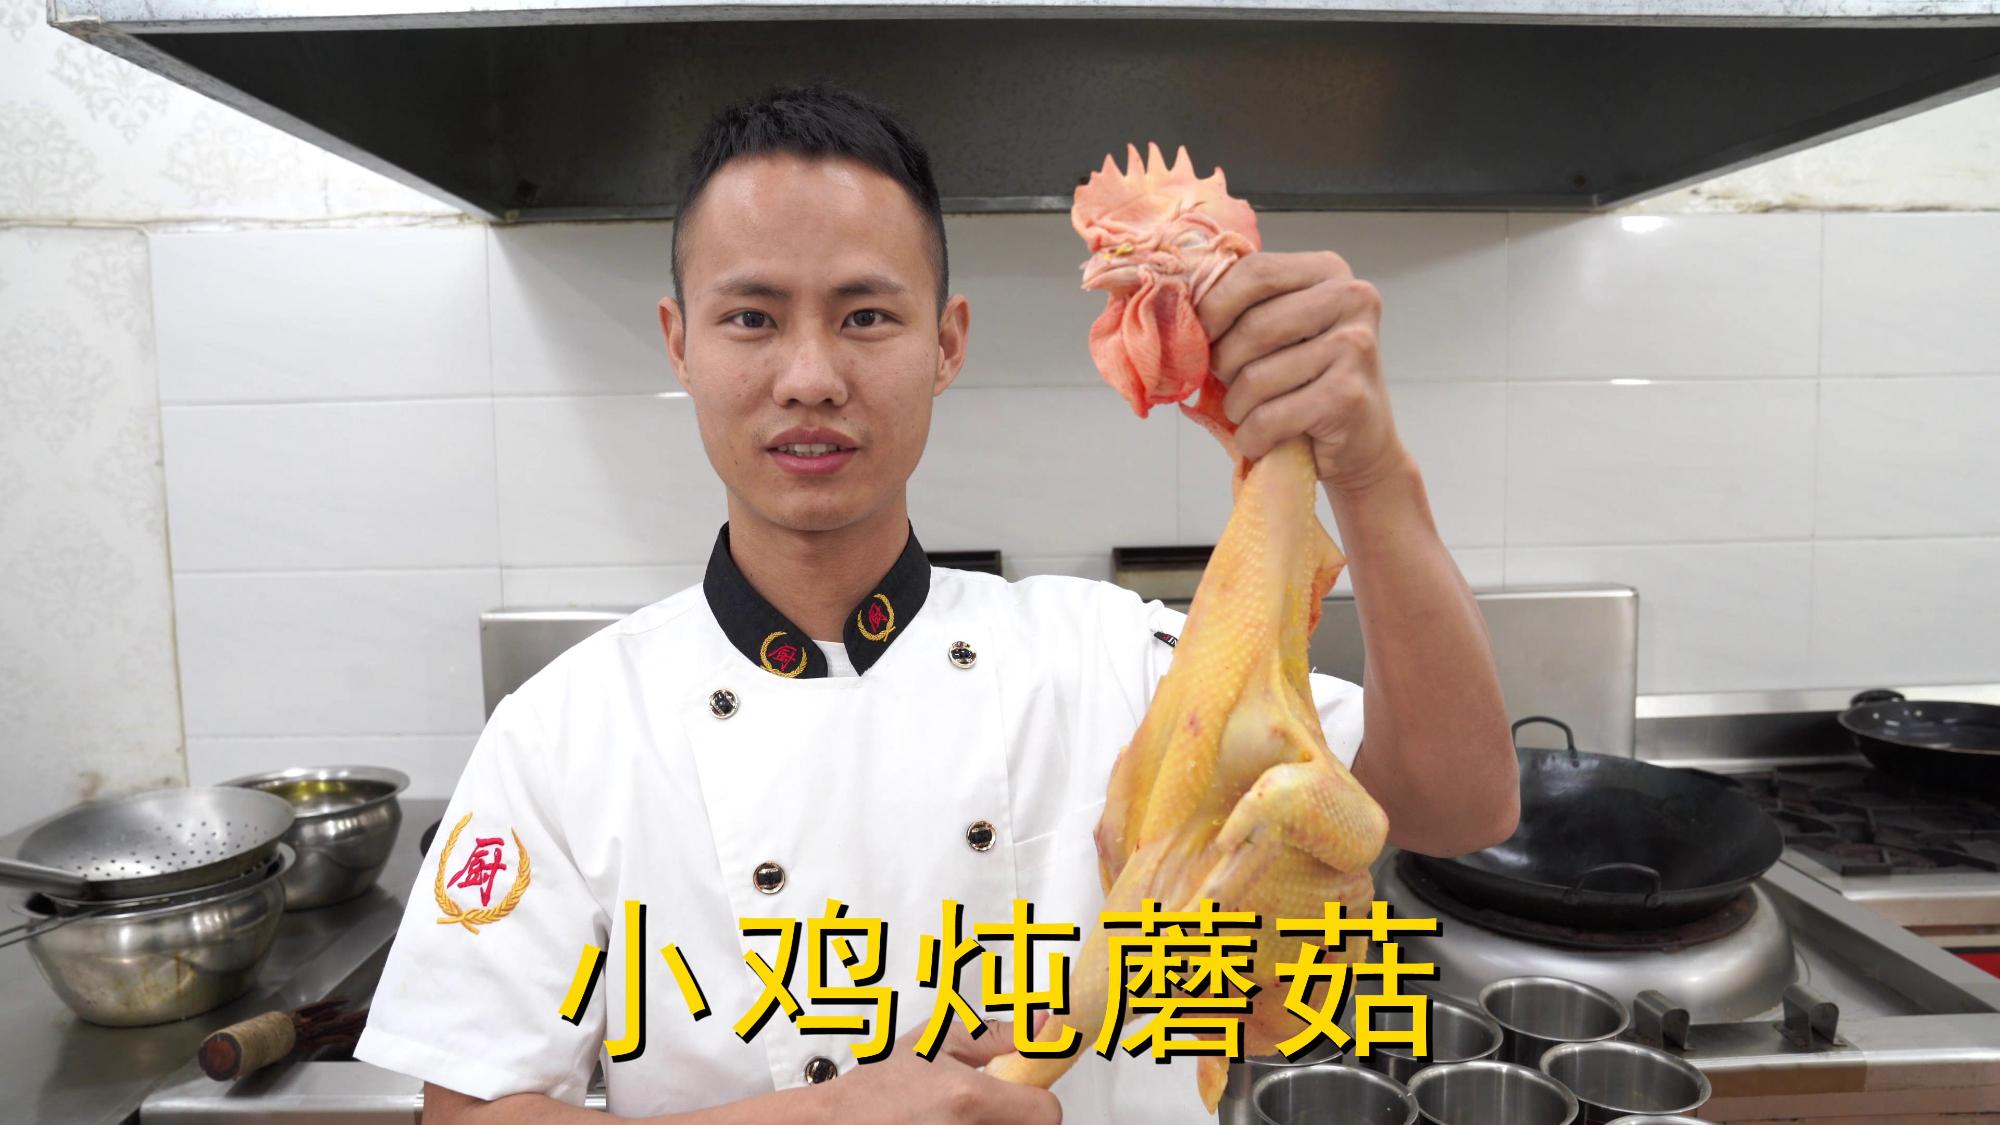 """厨师长教你:""""小鸡炖蘑菇""""的家常做法,汤鲜肉美味,先收藏起来"""